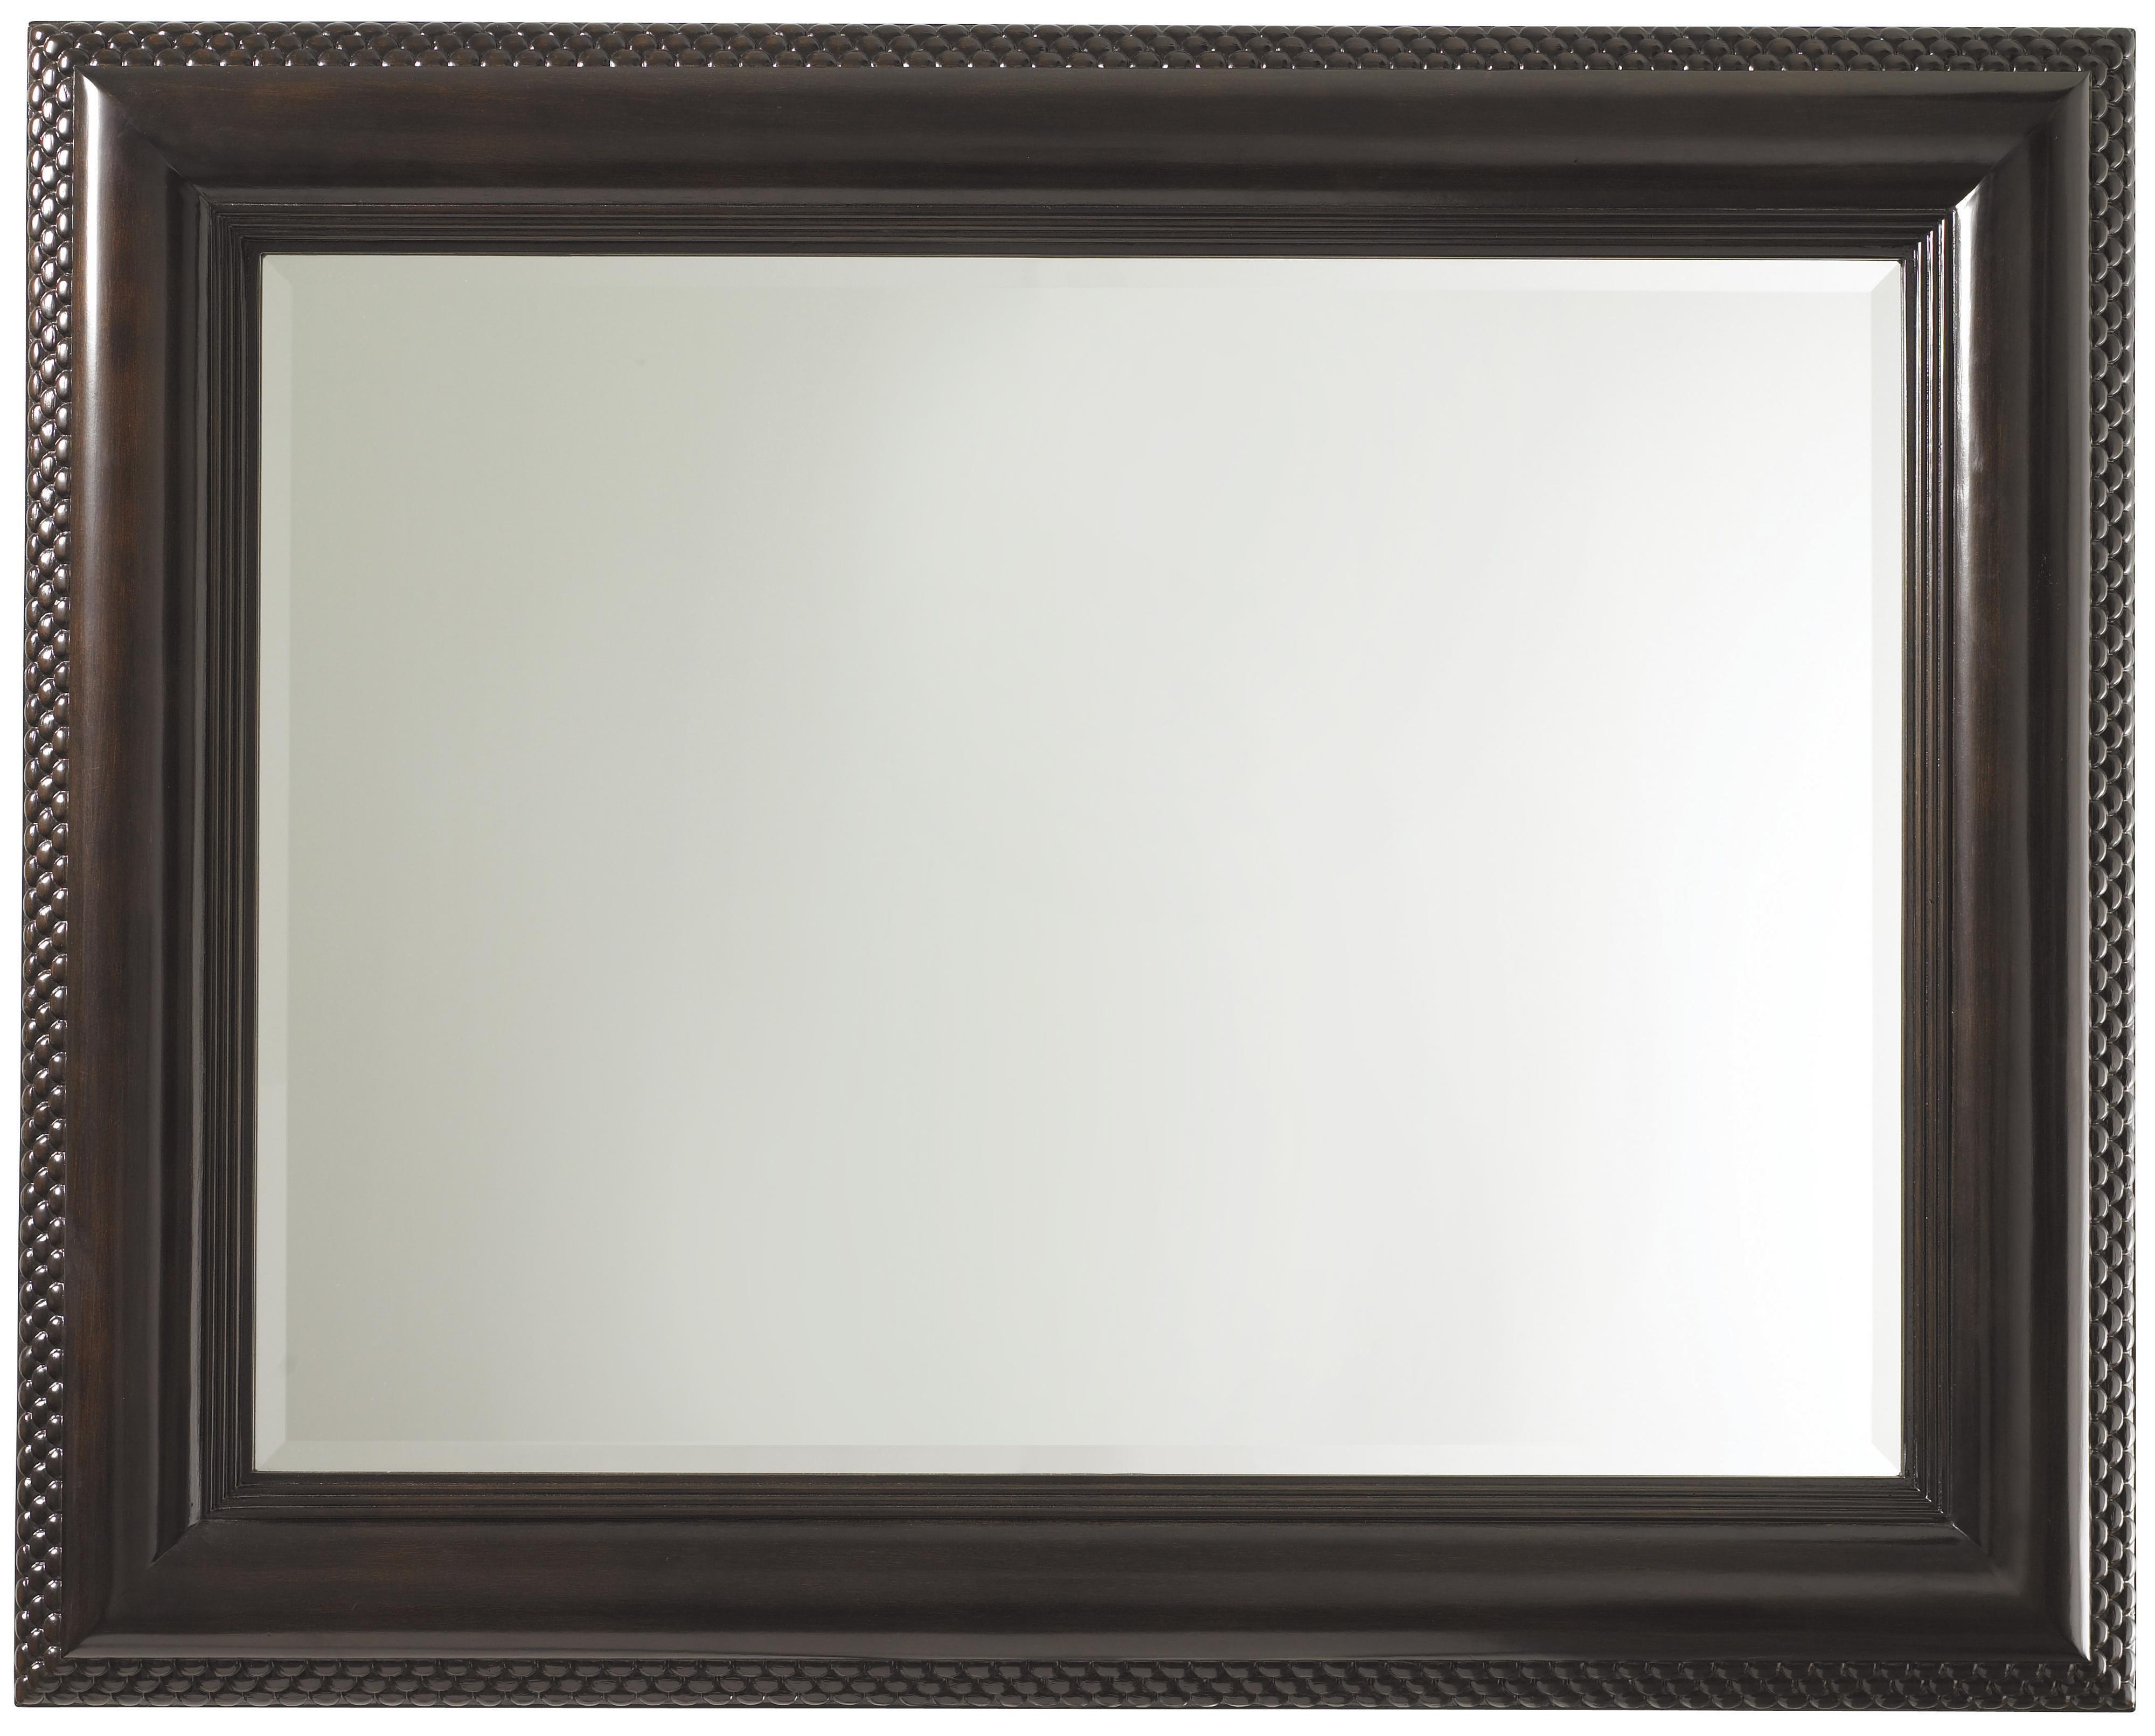 Tommy Bahama Home Royal Kahala Landscape Mirror - Item Number: 537-206